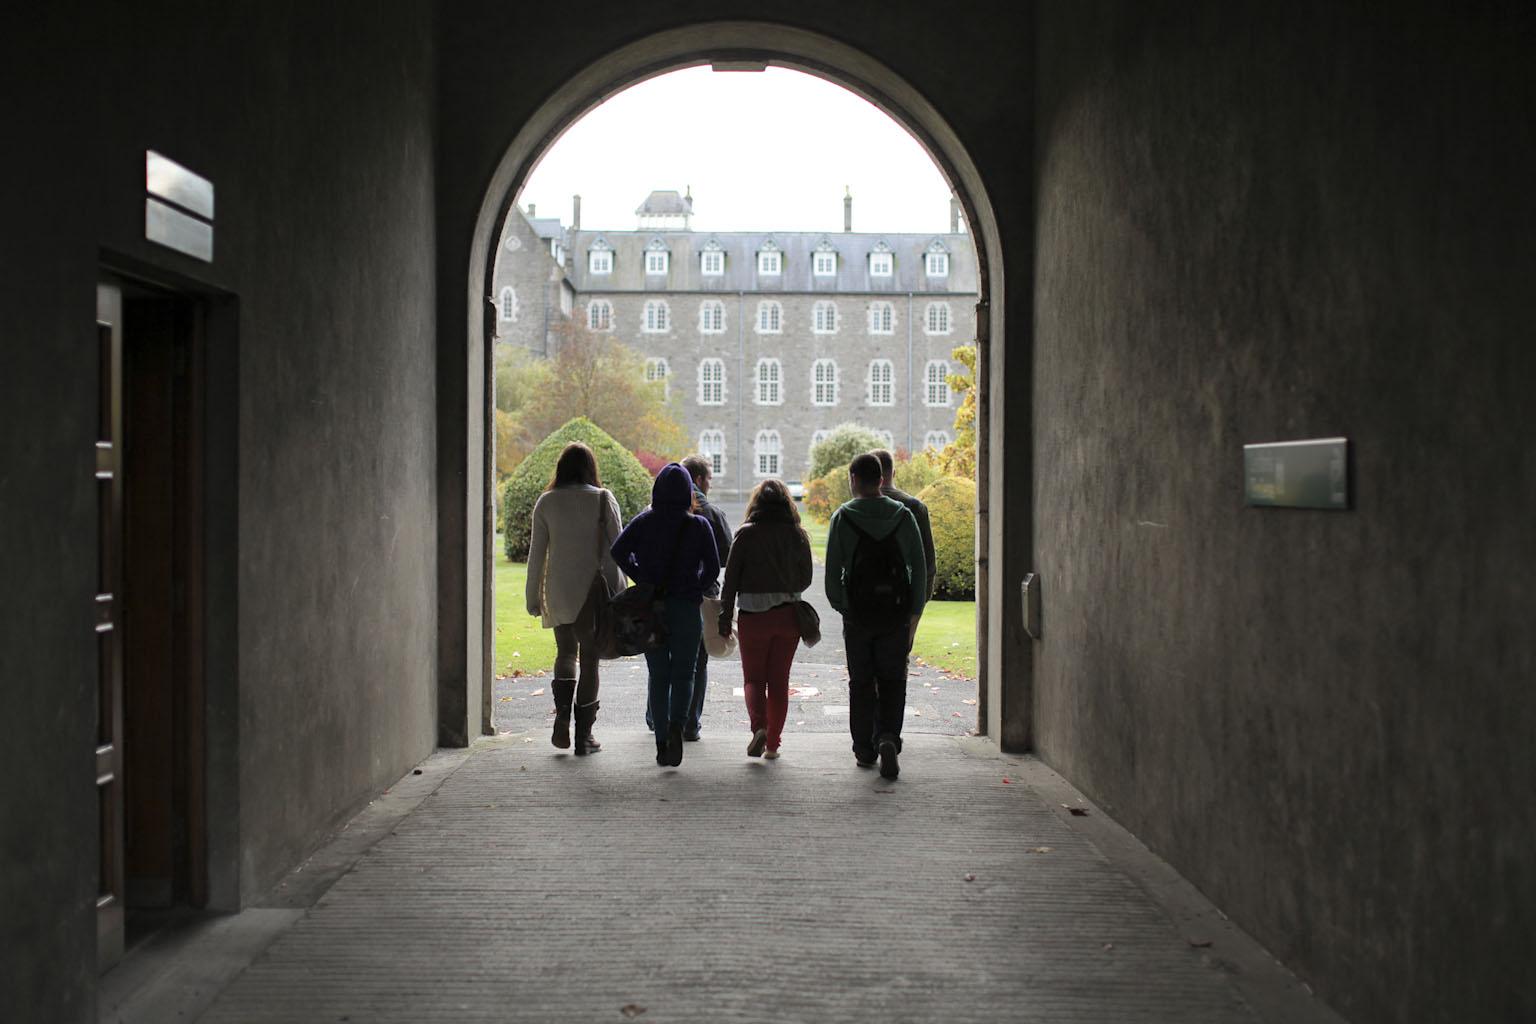 Archway on Long Corridor - Bealach Áirseach tríd An Dorchla Fada